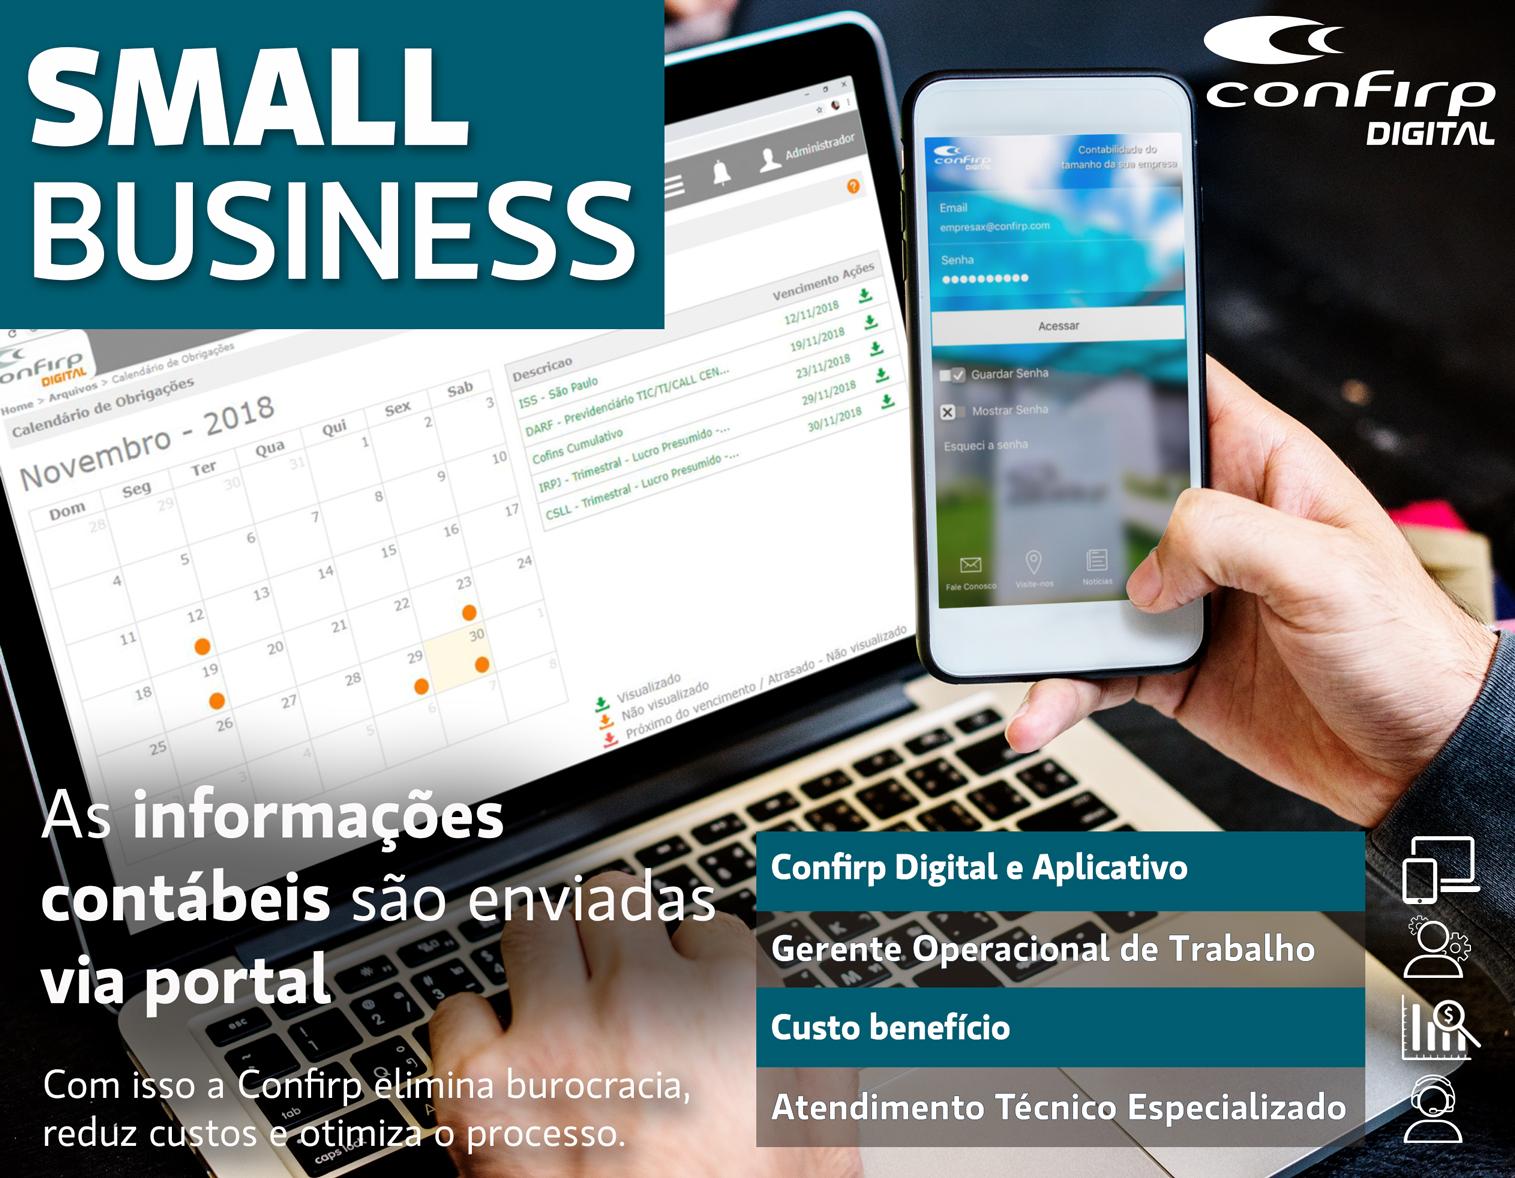 Small Business – Confirp Digital Revoluciona Todos Seus Serviços Contábeis